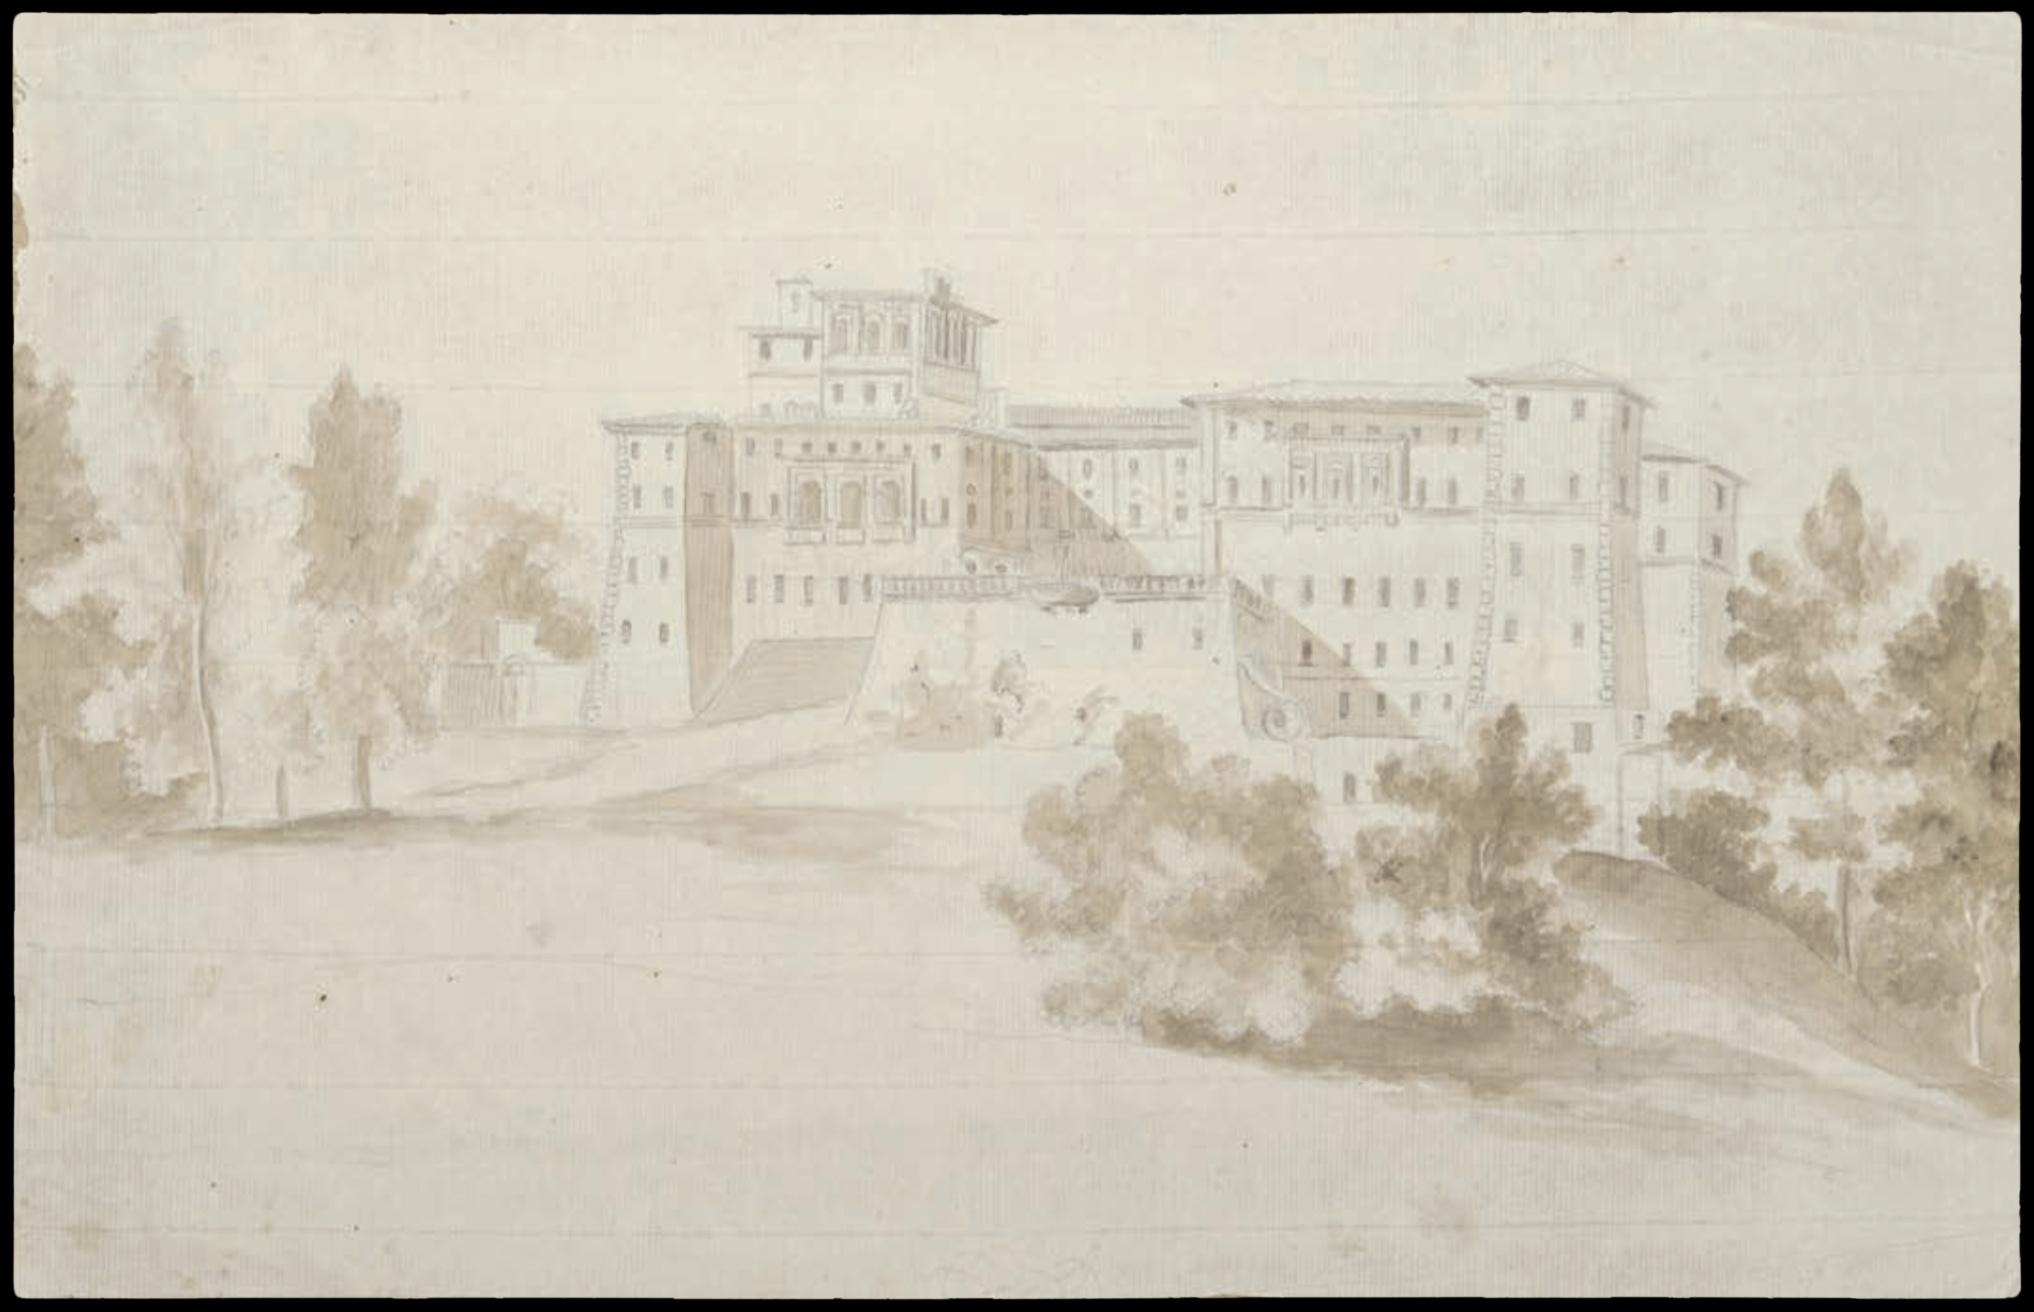 Dessin d'Italie de Jean-Baptiste TIERCE (Rouen 1737 – Florence 1794). Collection du Marquis de Sade Palais en Italie